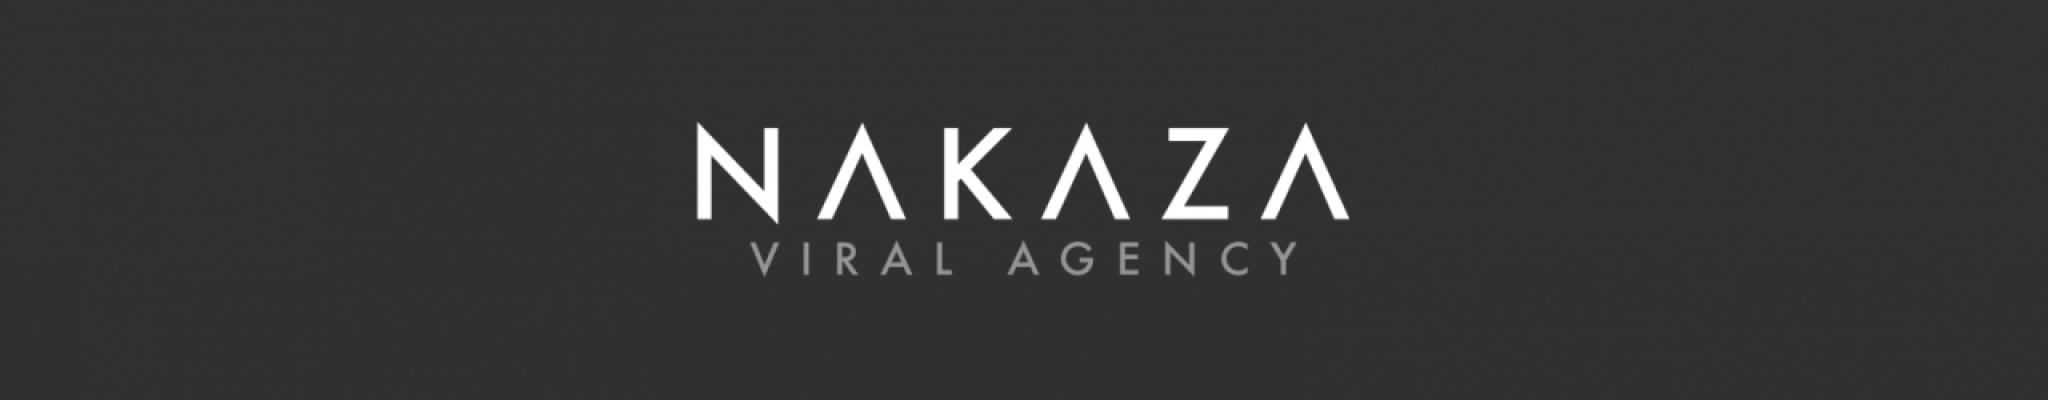 nakaza logo 3